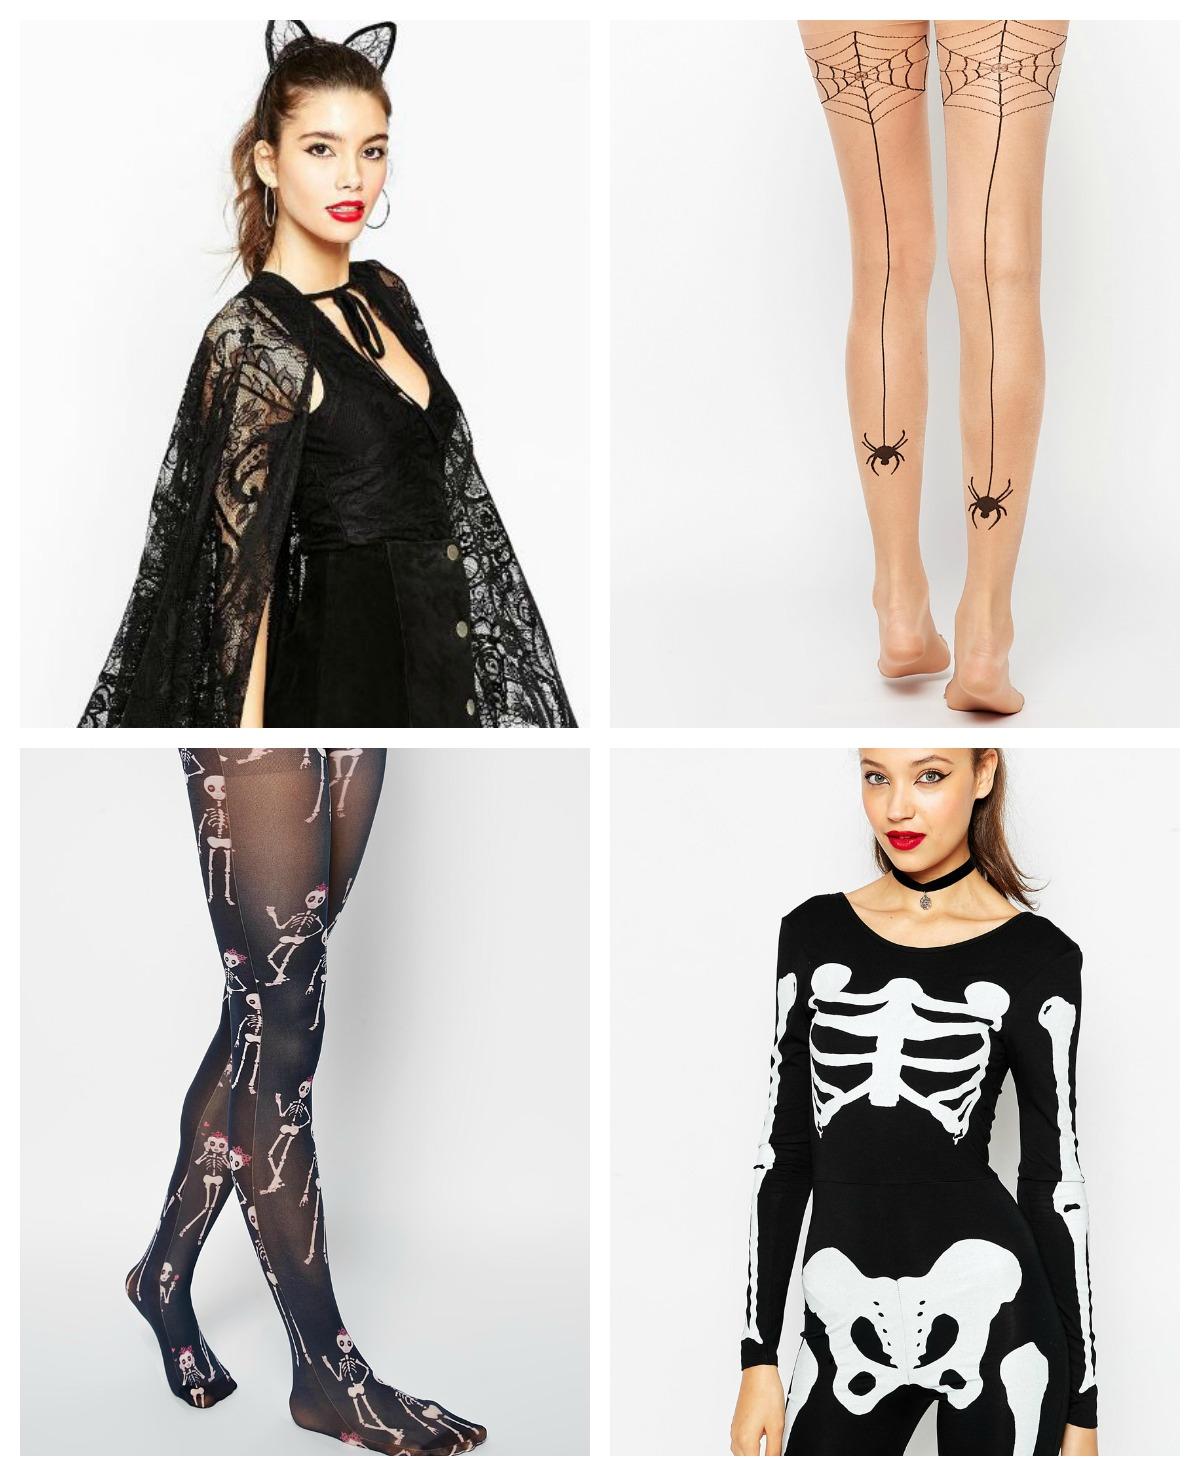 Idee costumi maschere e accessori halloween lei trendy for Idee e accessori